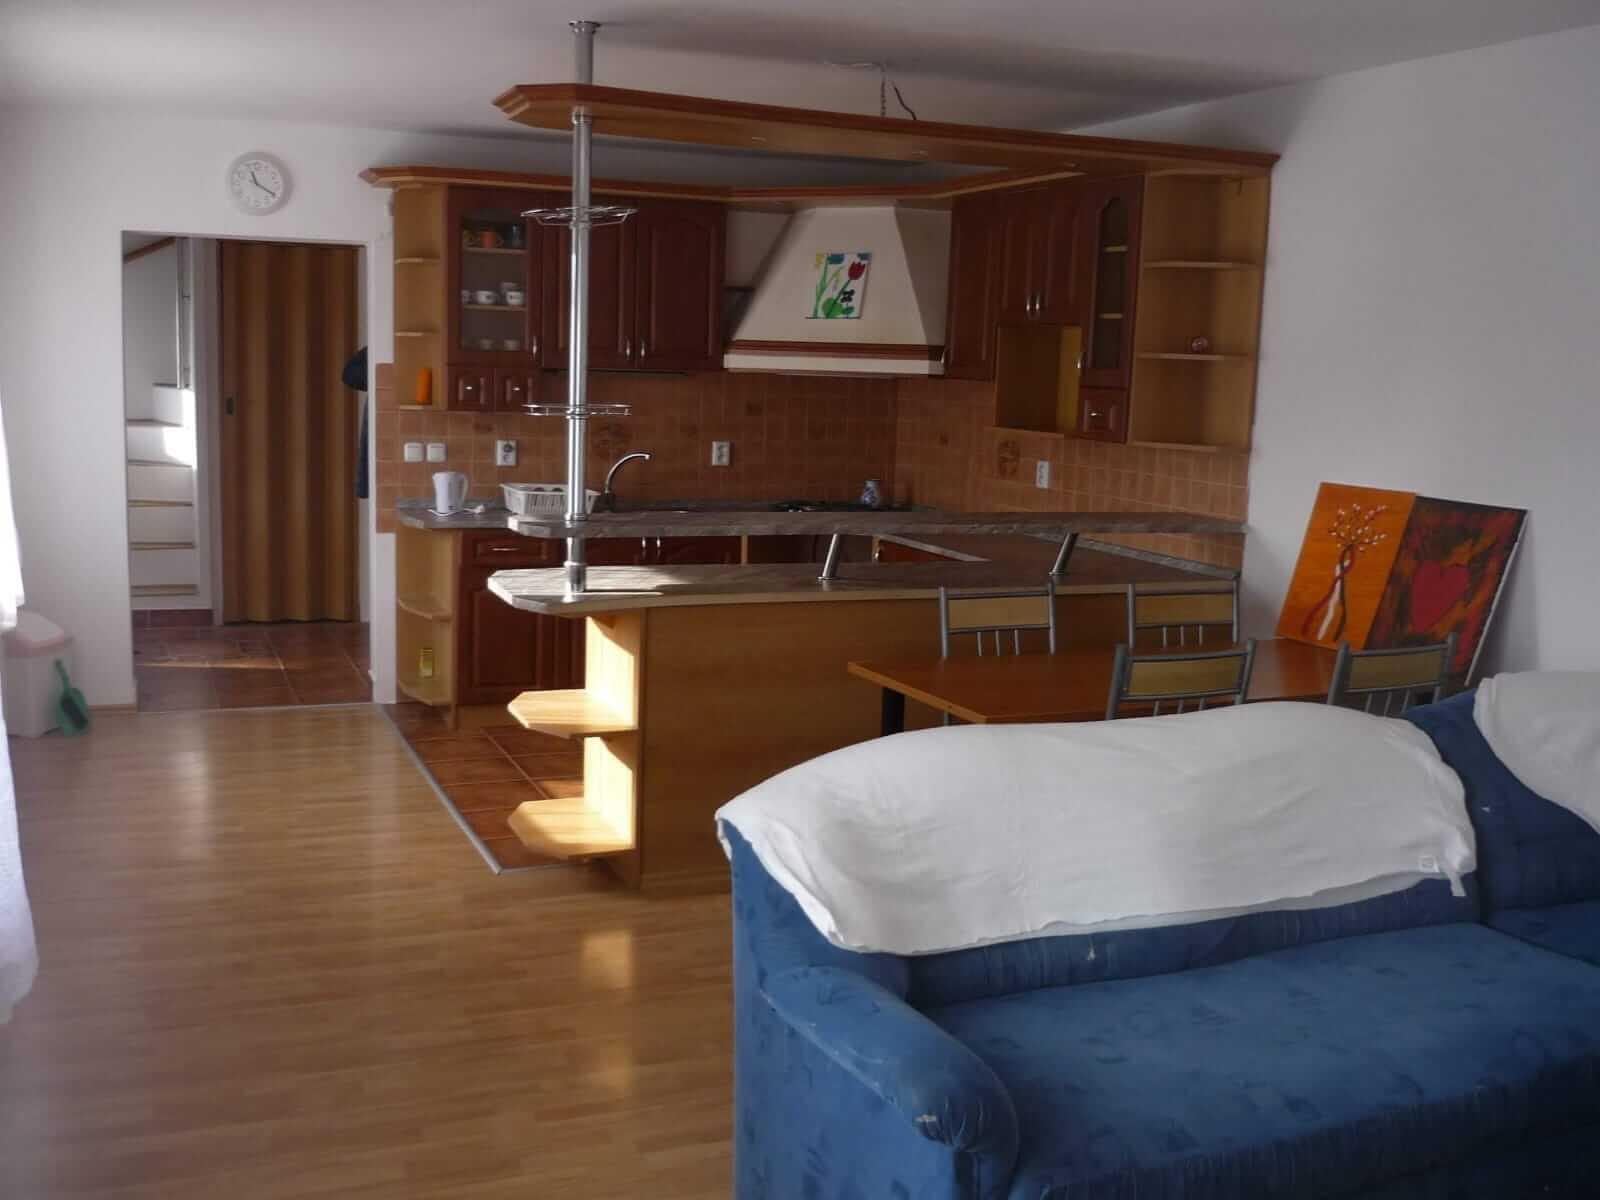 Predaný: Predaj 3 Izbového Rodinného domu, Viničné, Pri Pezinku, úžitková plocha 134m2-45